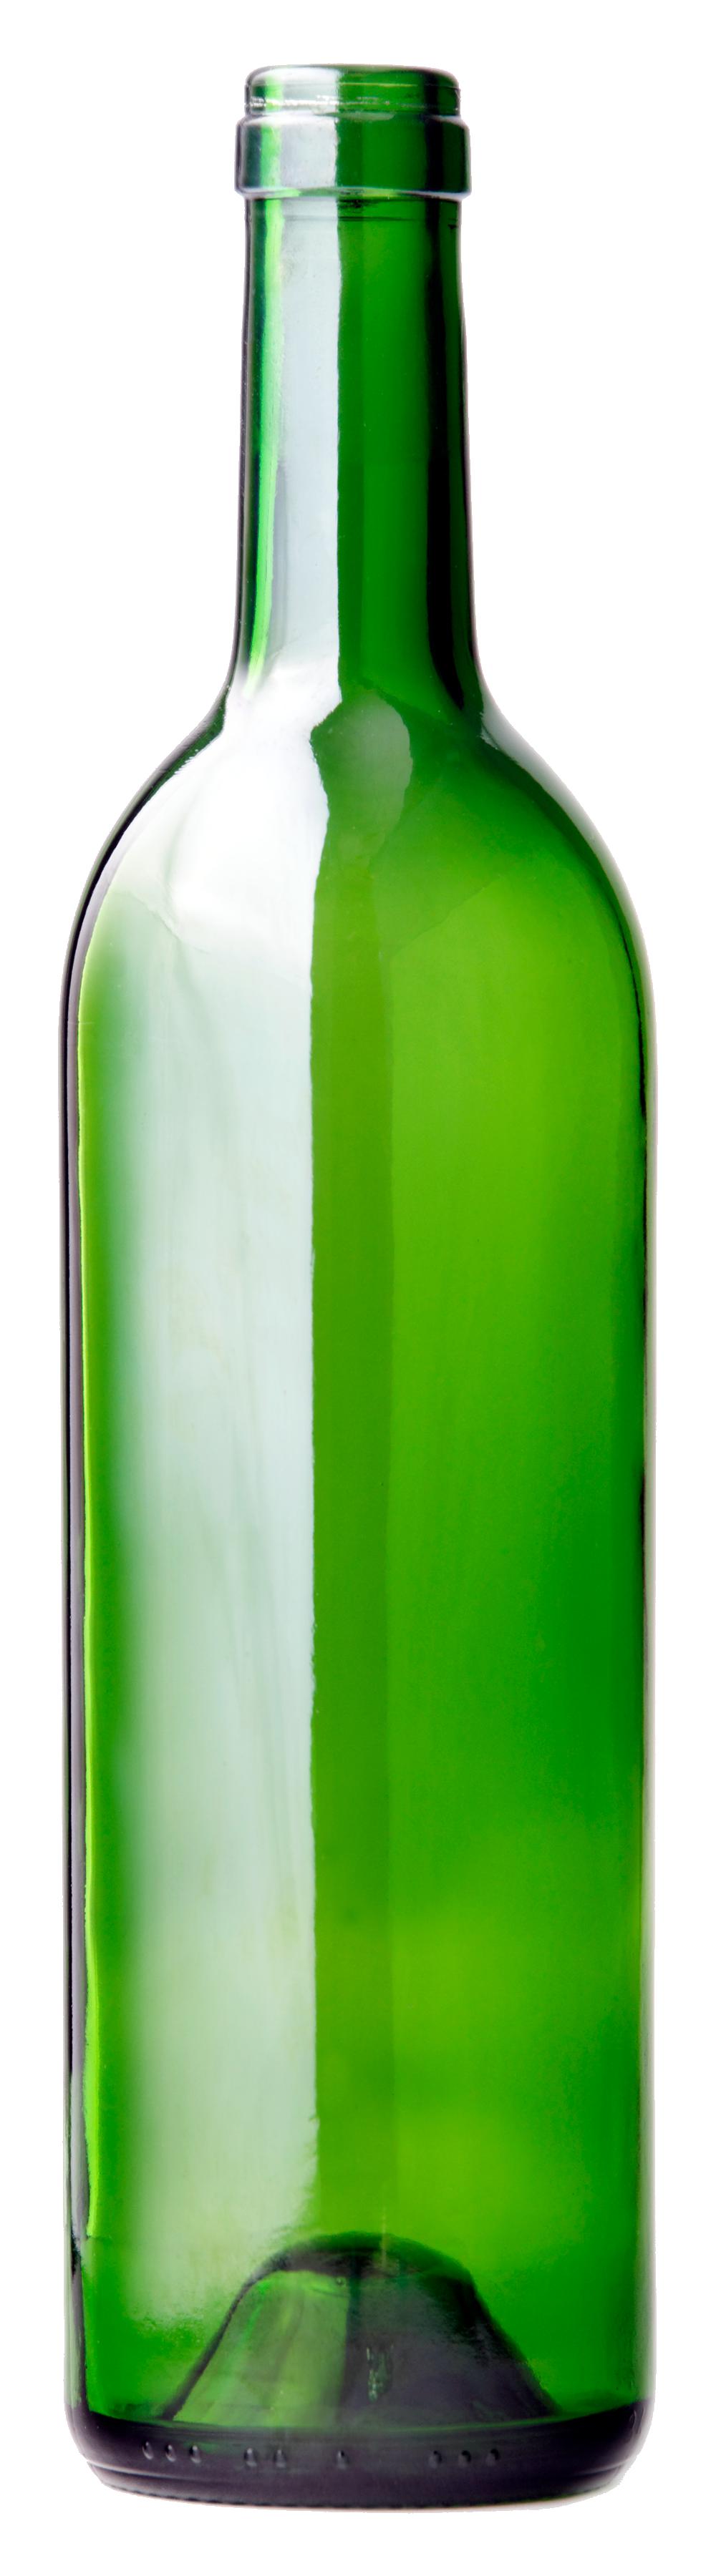 Bottle HD PNG - 96408